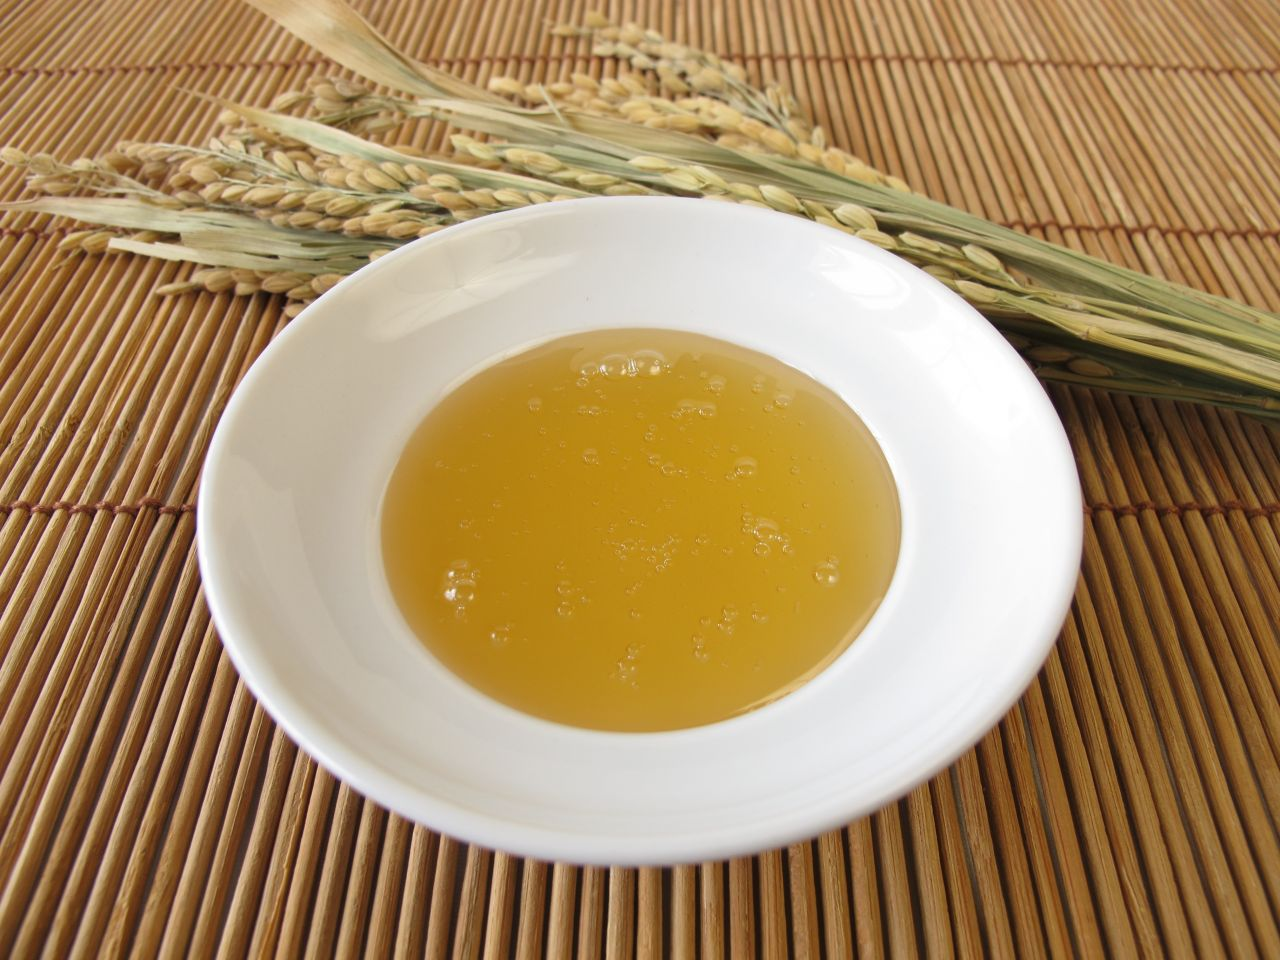 Gelbe Flüssigkeit Reissirup